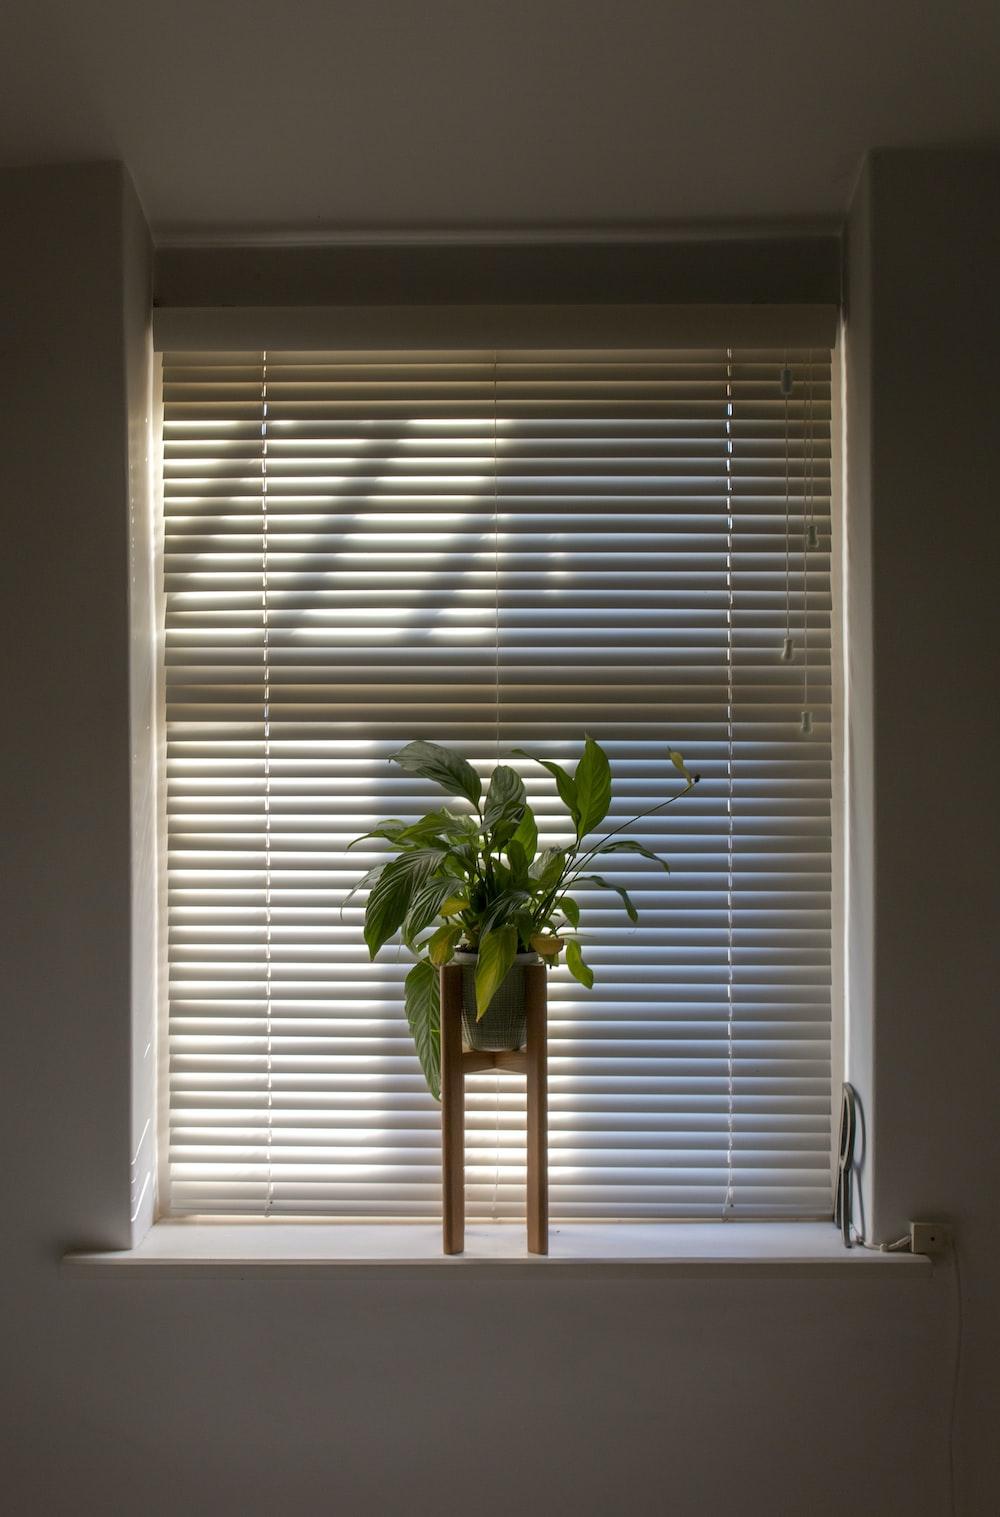 green plant in pot beside window blinds